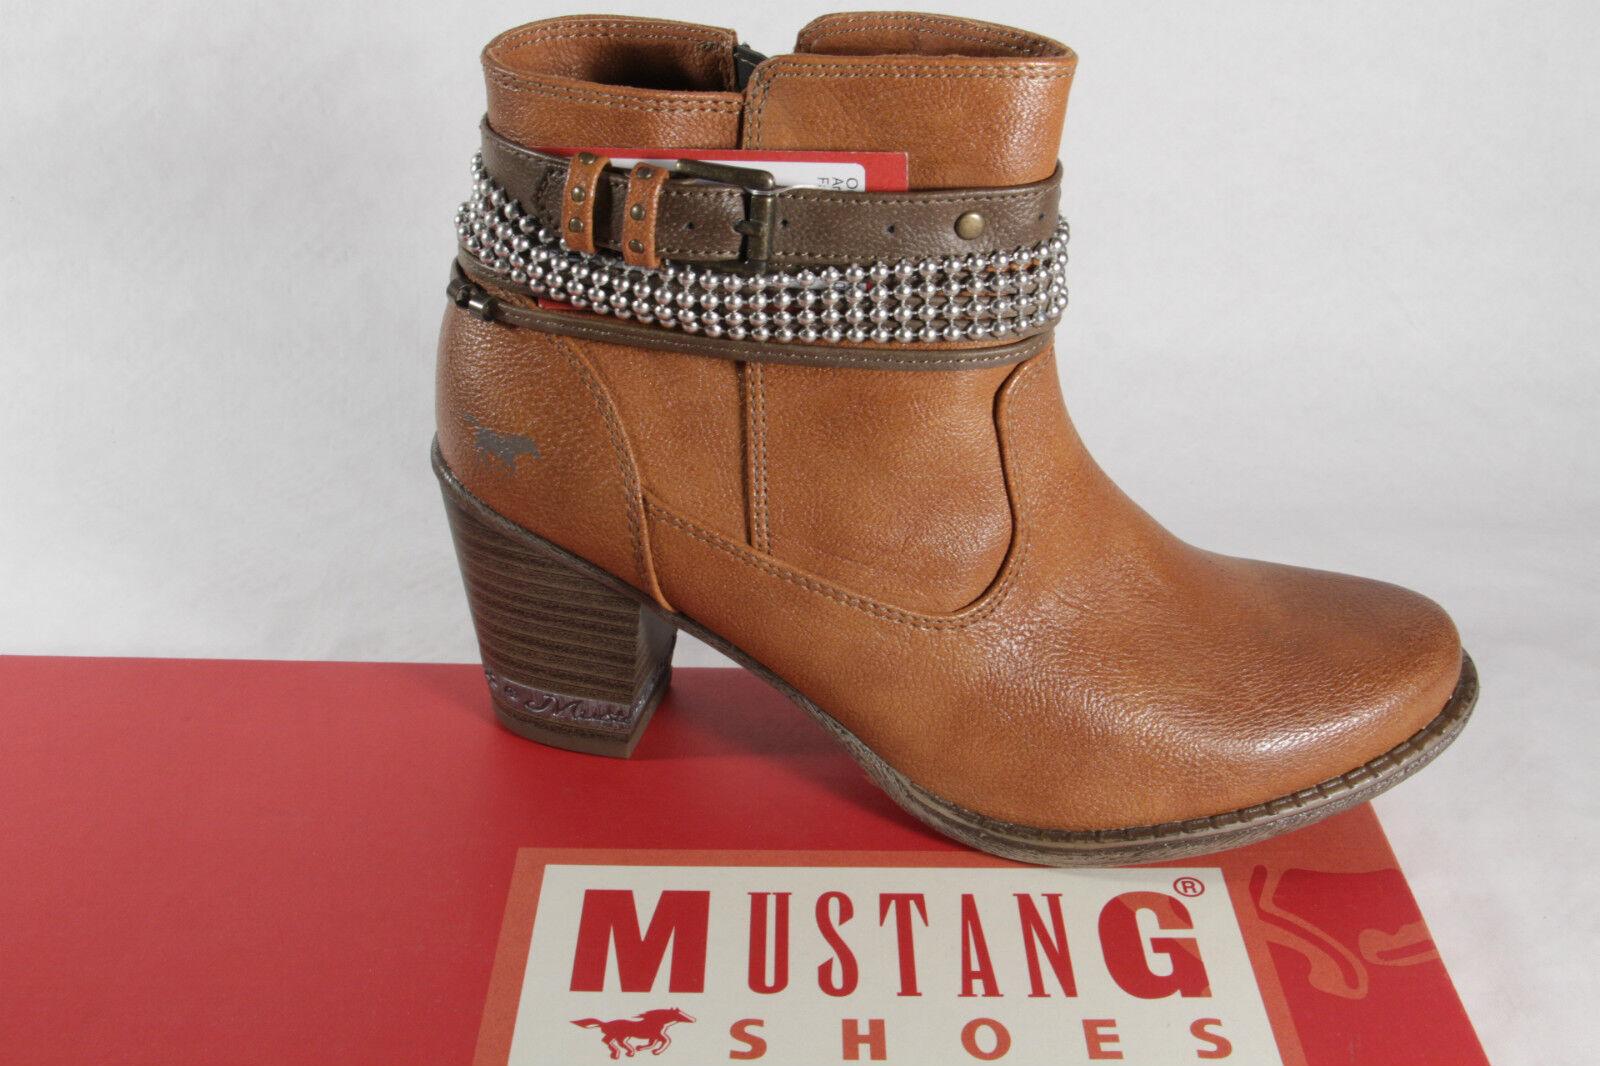 Mustang Stivali Donna Stivaletti, Marronee, Leggero Foderato Nuovo